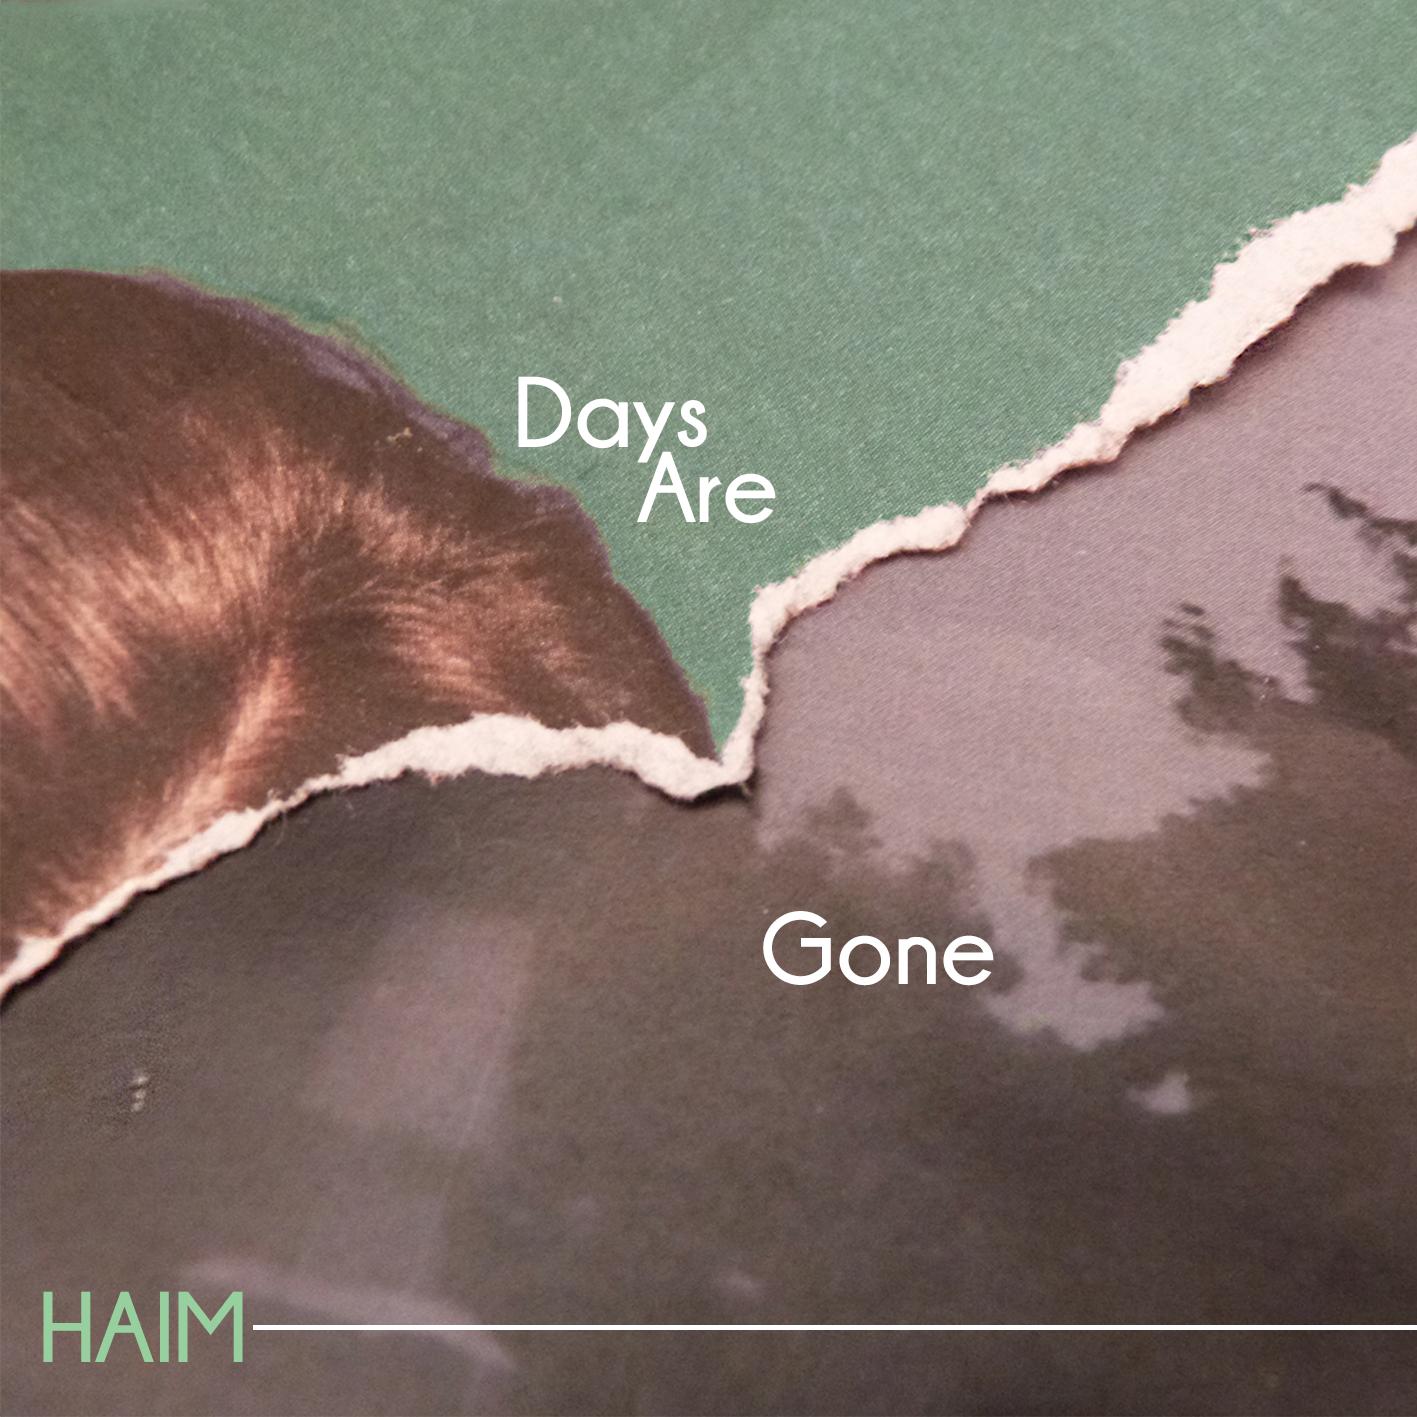 'Days Are Gone' HAIM